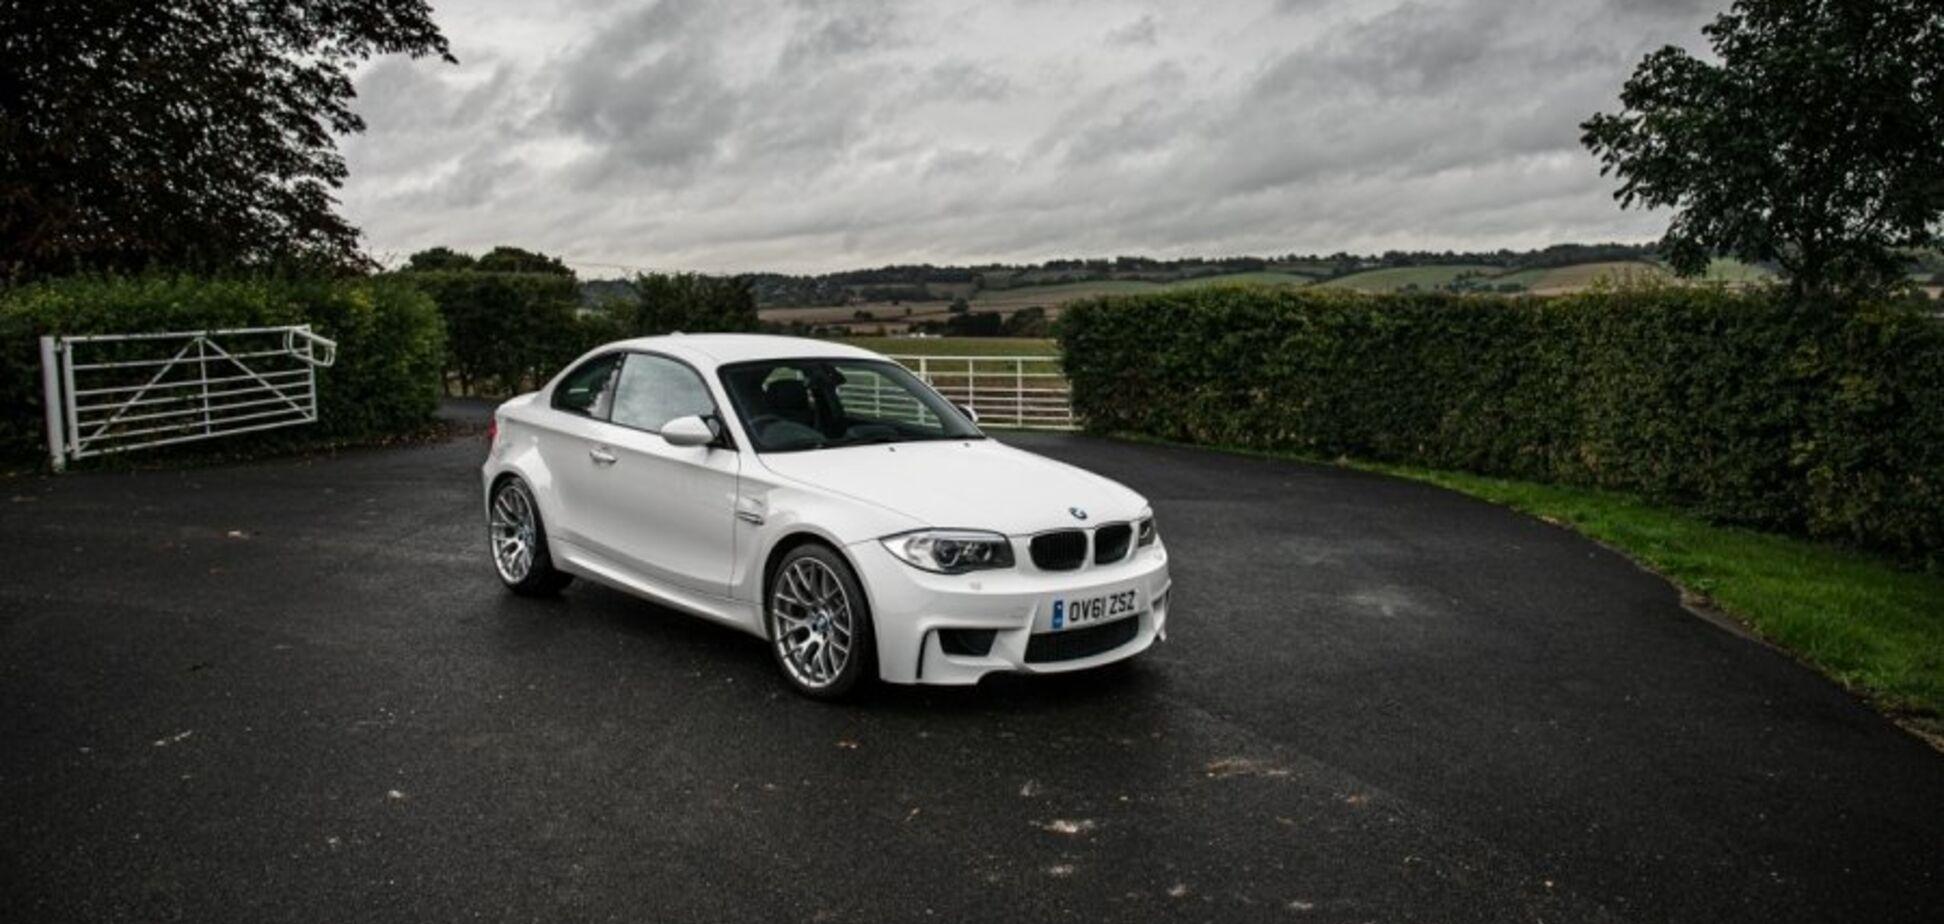 Солист Jamiroquai выставил на торги BMW из своей коллекции